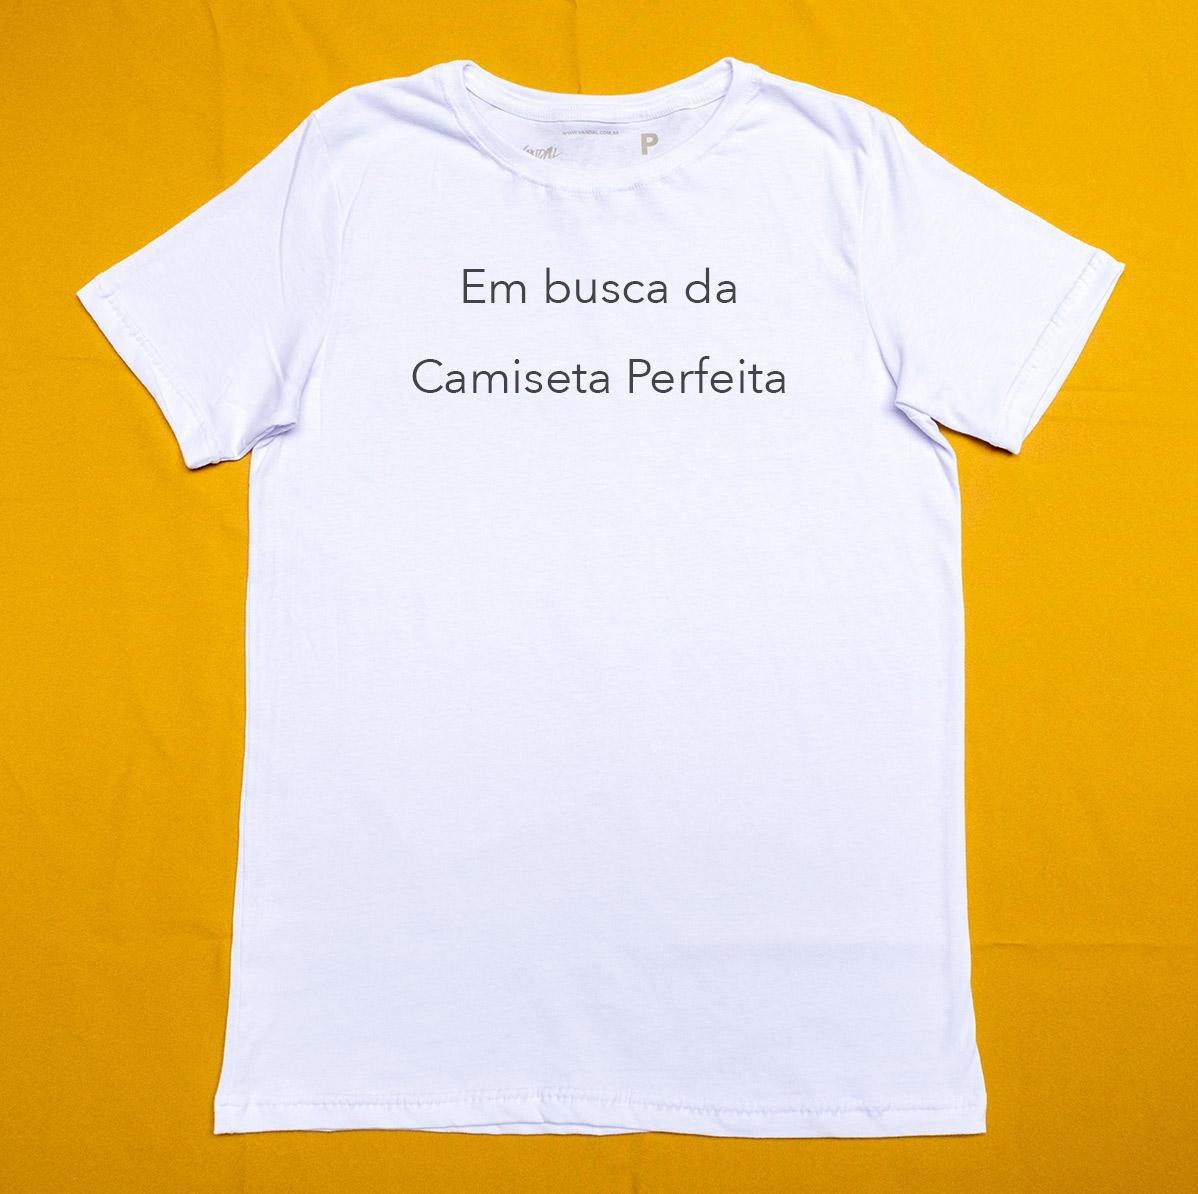 Camiseta perfeita